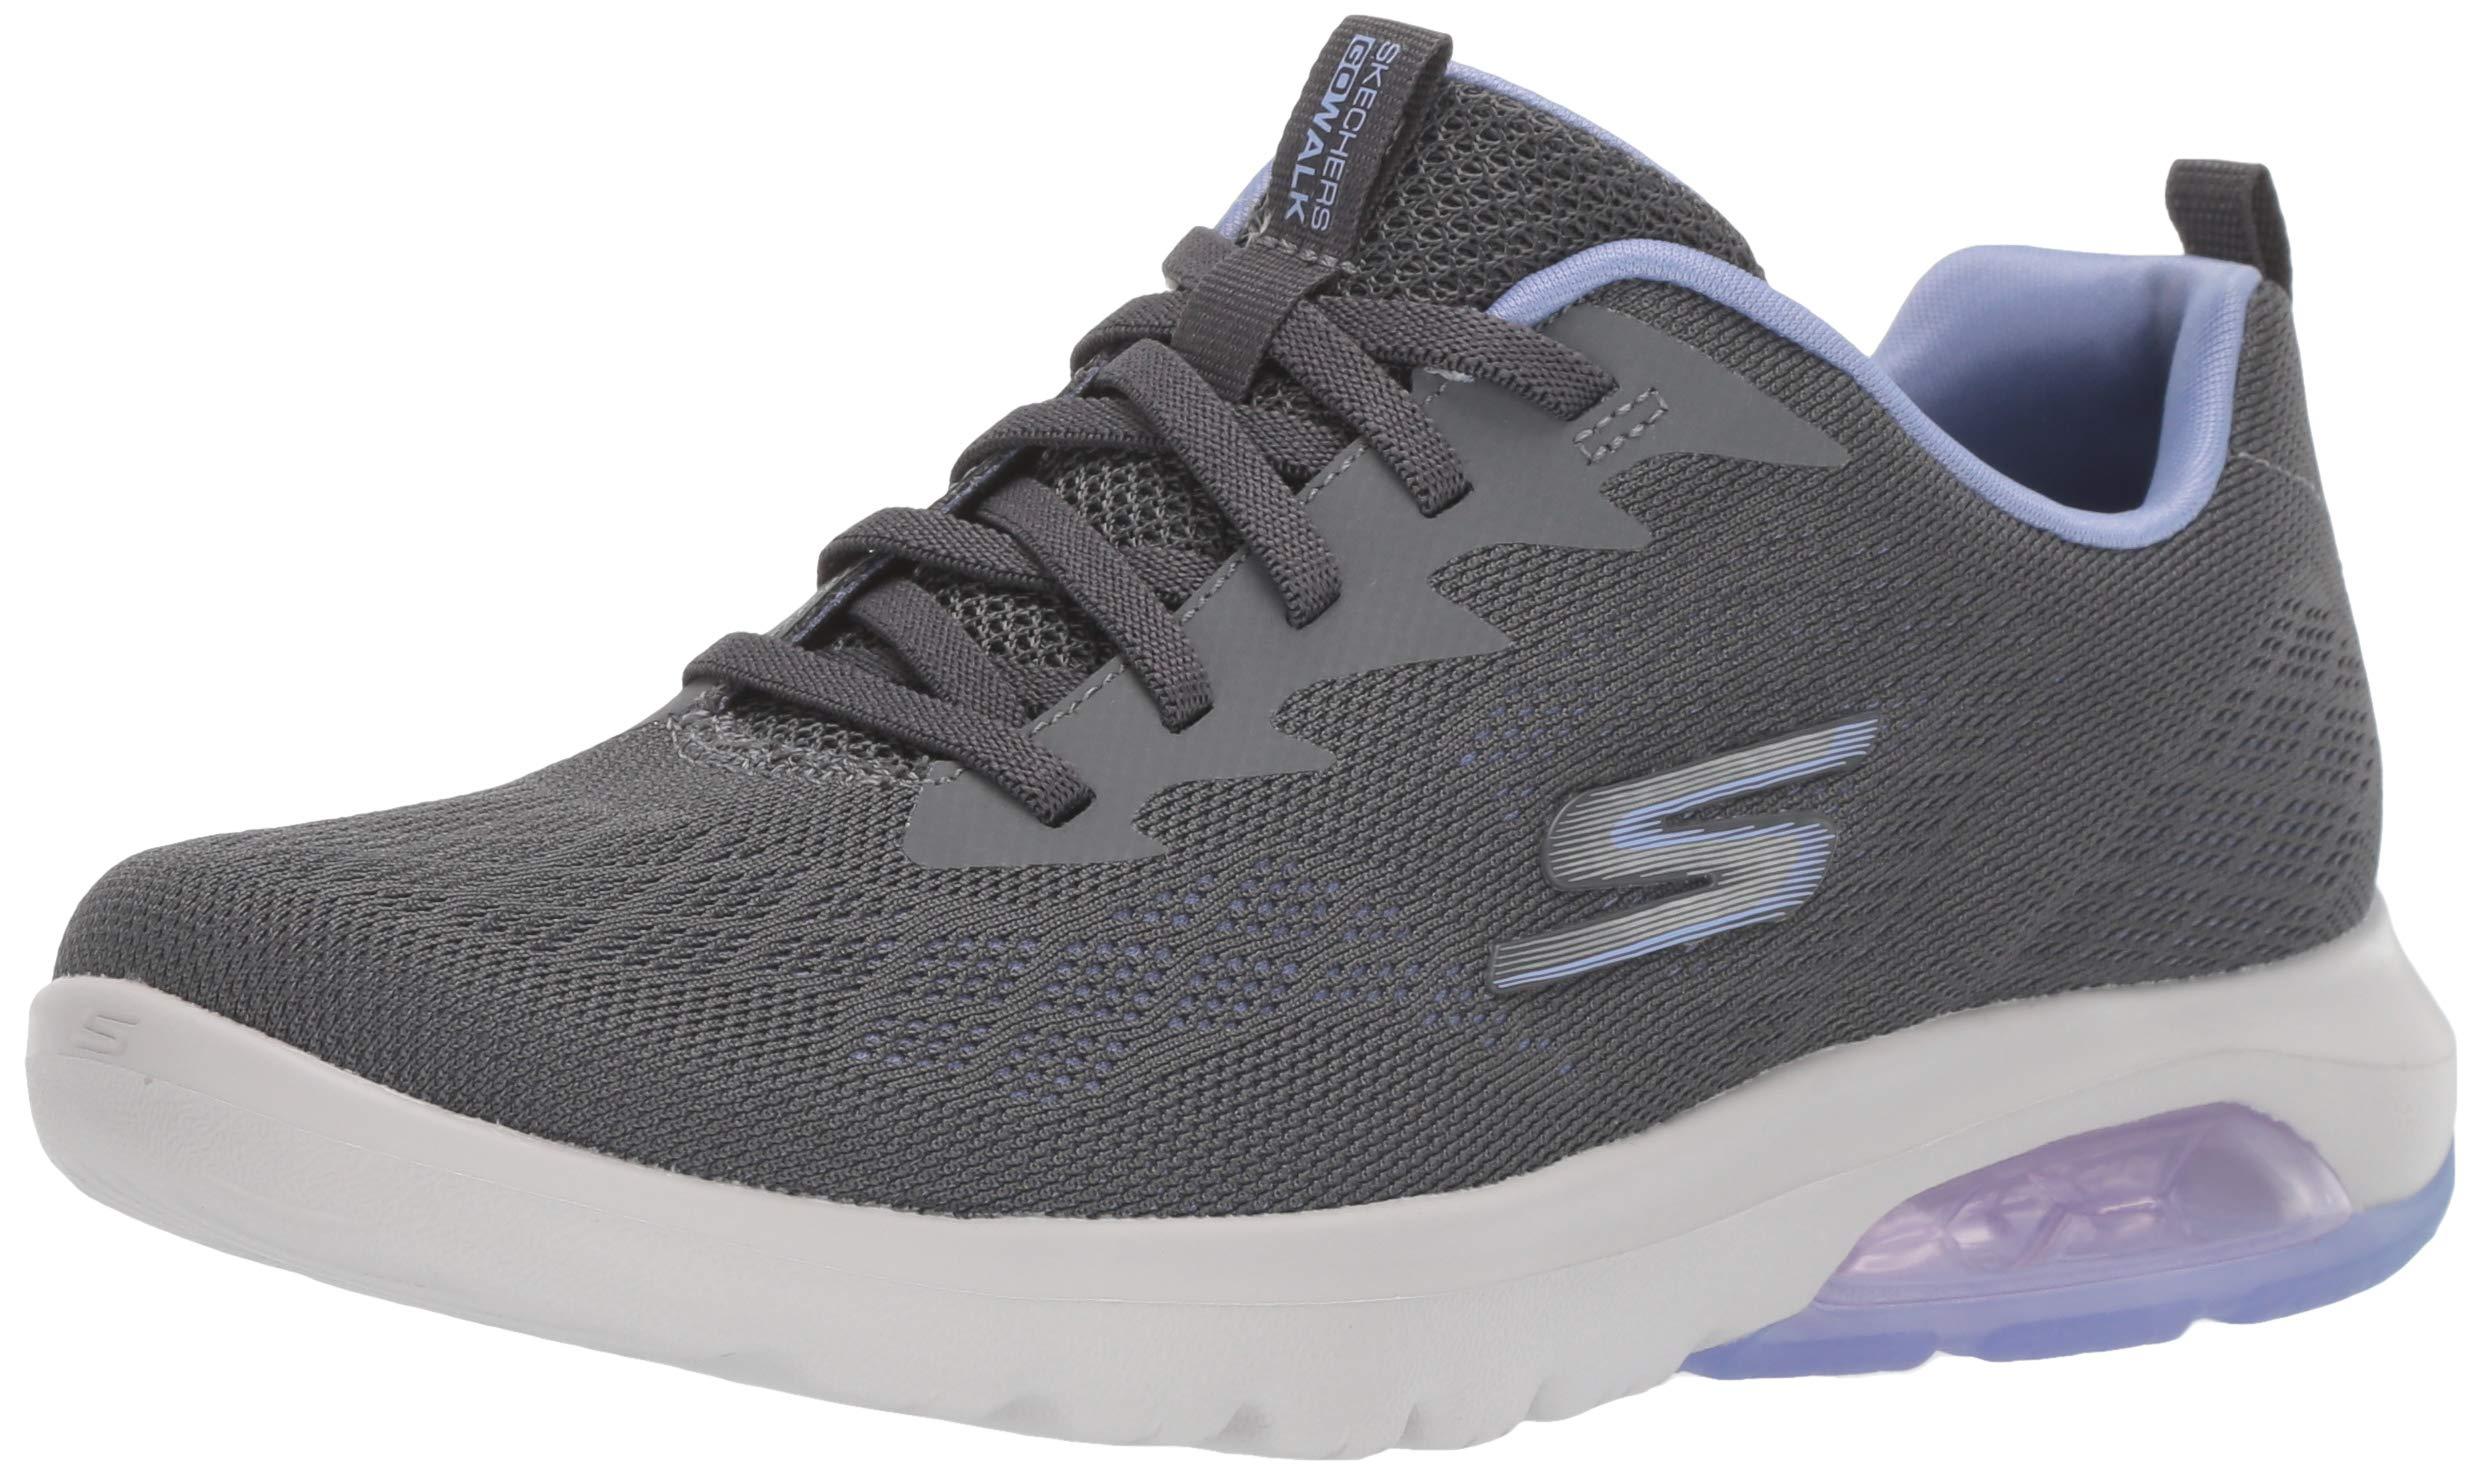 Skechers Women's Go Walk Air-16098 Sneaker